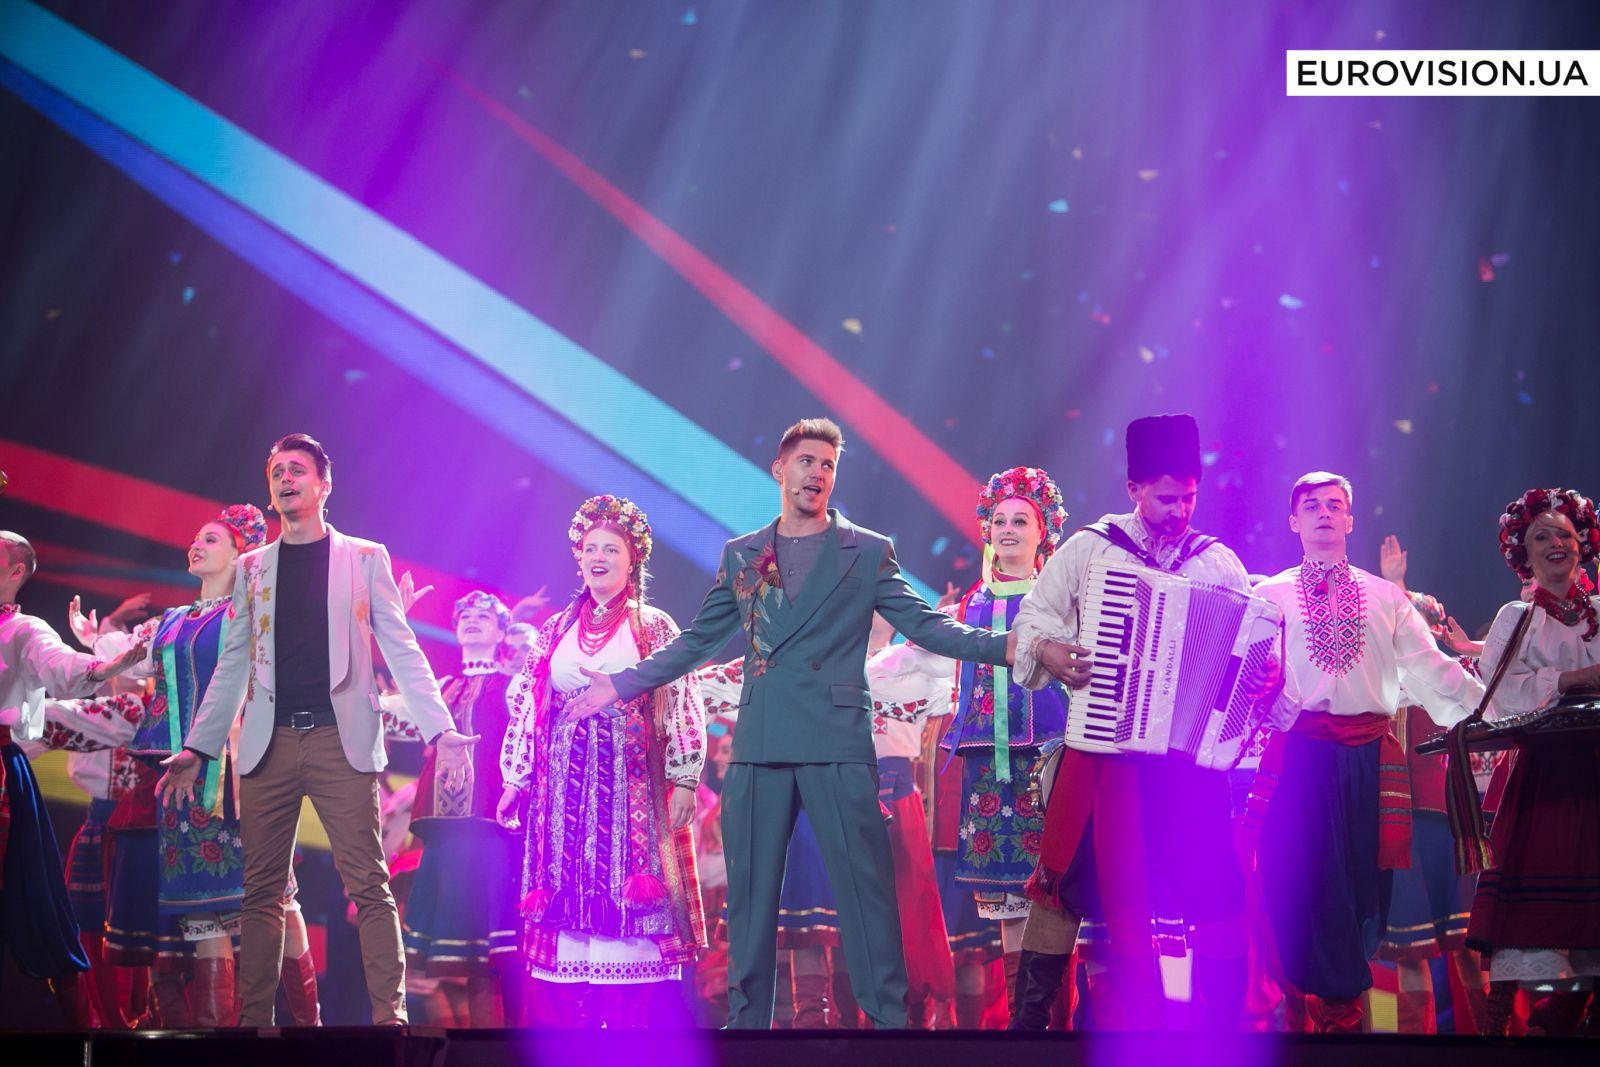 Сегодня ведущие «Евровидения-2017» перепоют хиты победителей прошедших годов вукраинском стиле